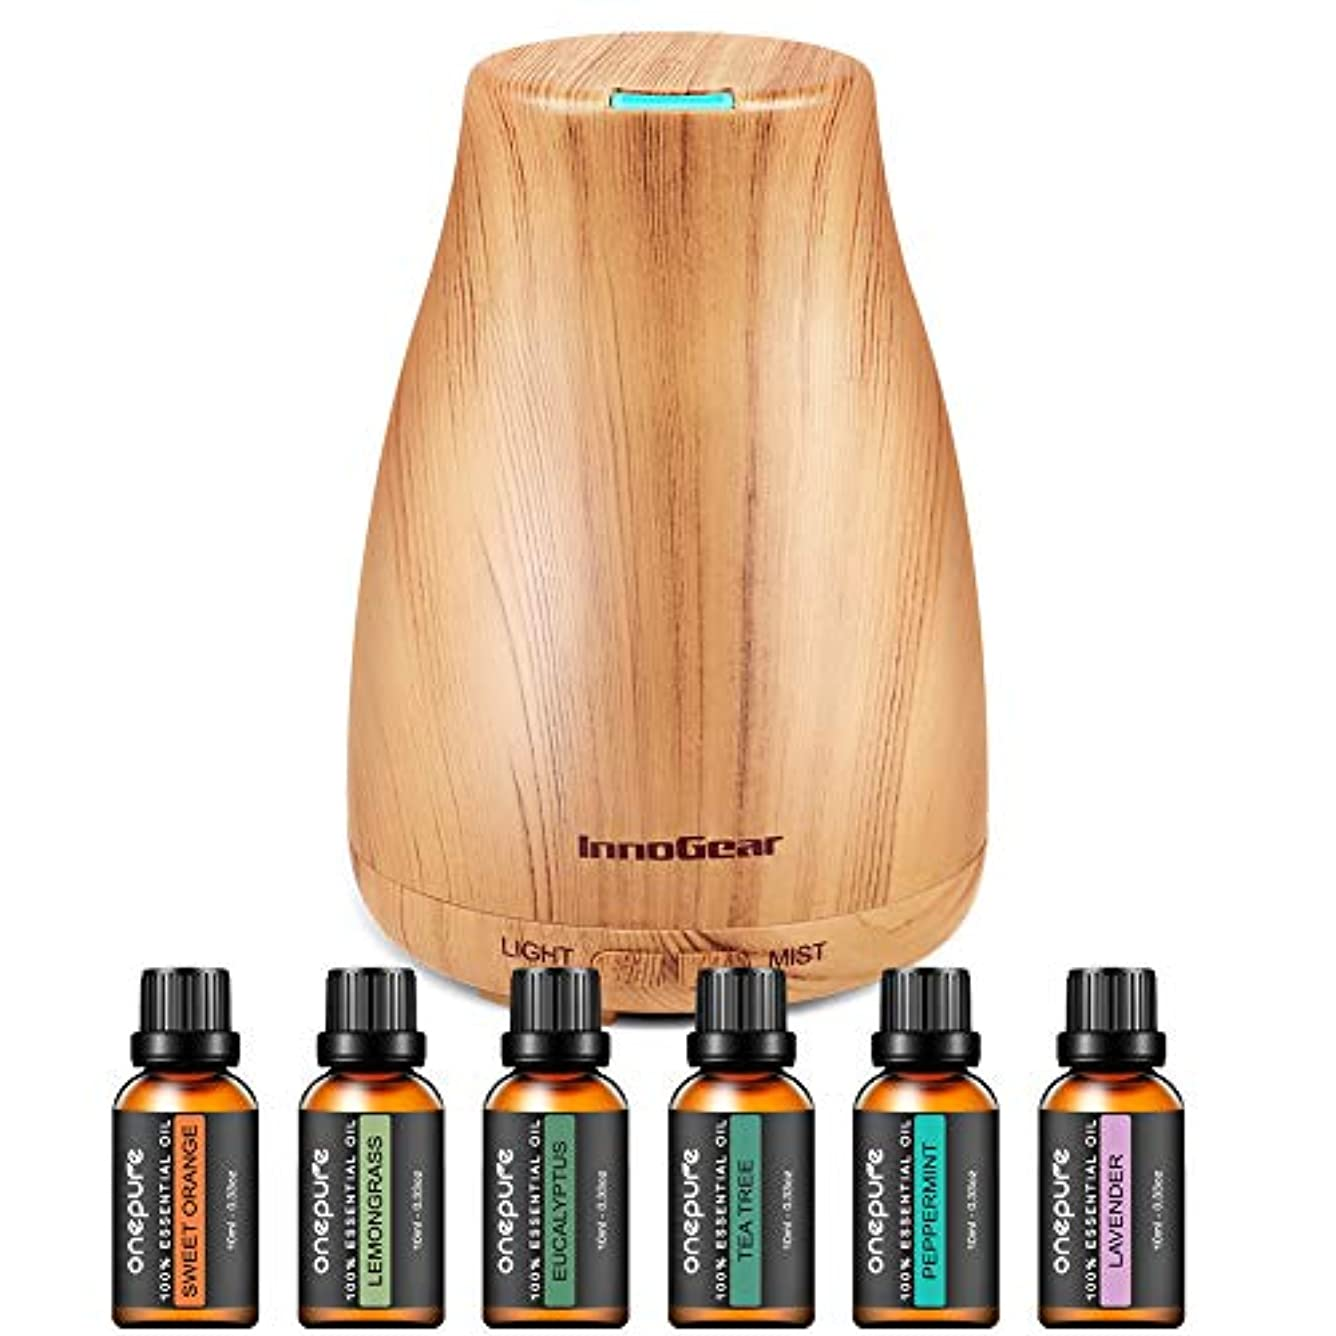 メロドラマティック口径心のこもったinnoGear 6本 ボトル100%純粋なエッセンシャルオイルと150ミリリットルアロマディフューザー アップグレードし 7色 ギフトセット 香りクールミスト加湿器 家庭用 変更ライト 導きました イエロー